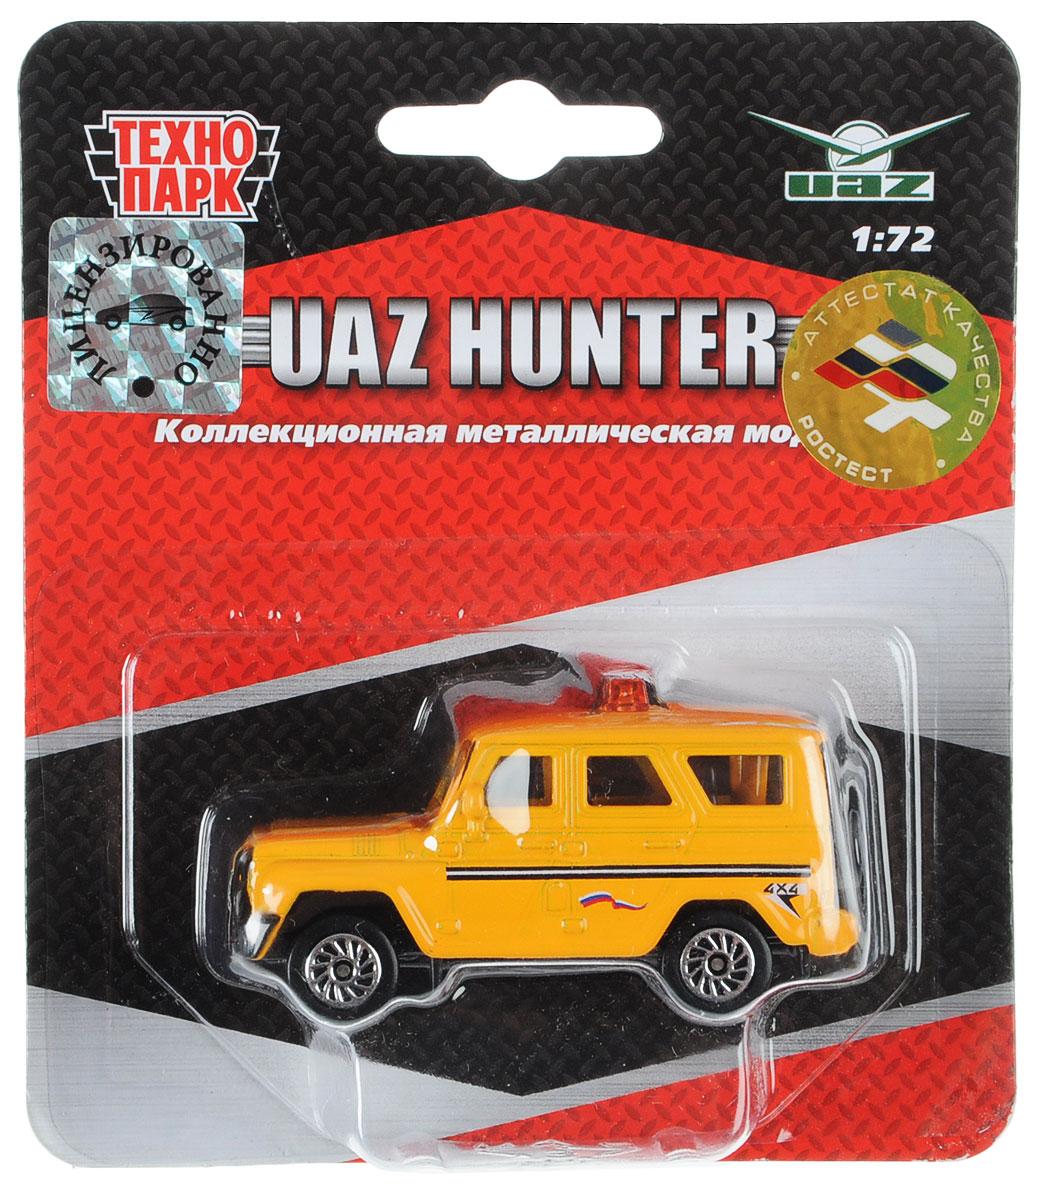 ТехноПарк Автомобиль UAZ Hunter цвет желтый bosal uaz 3159 3160 3962 hunter от 2003 6506 a